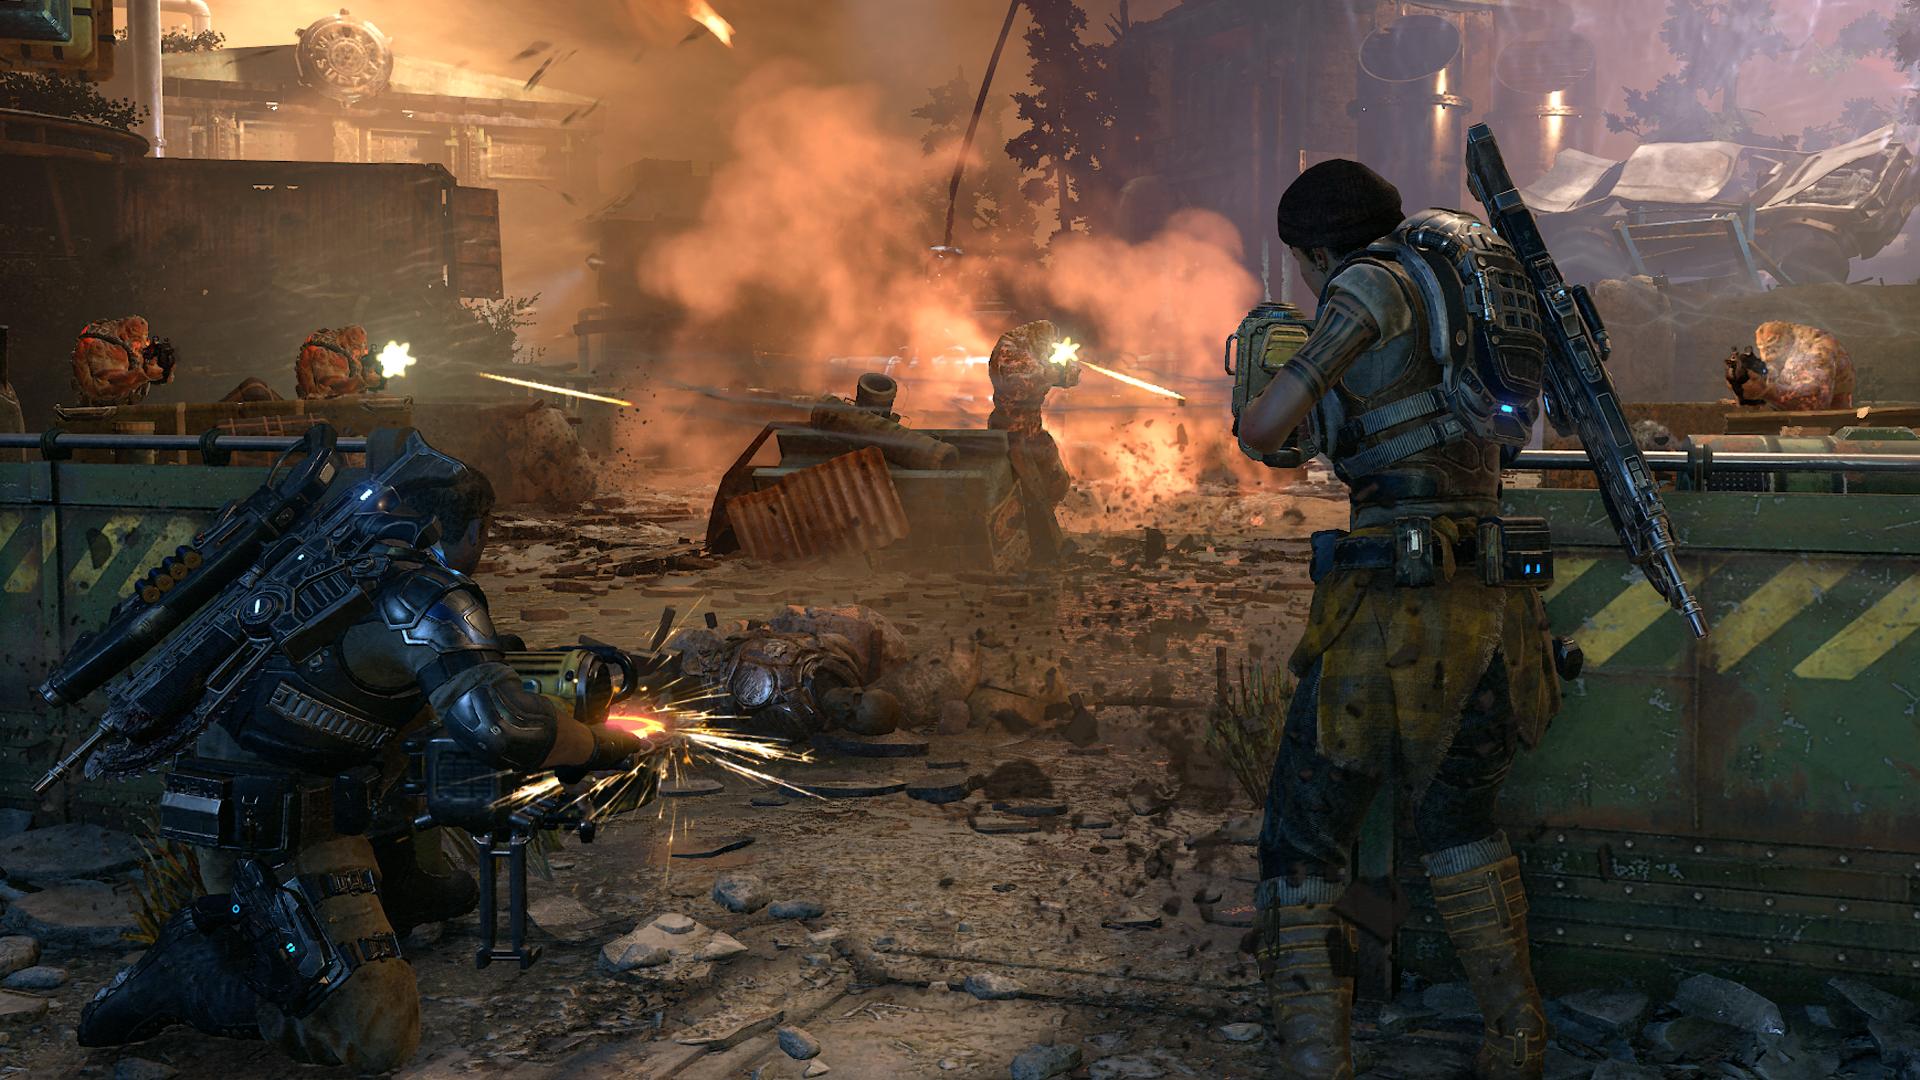 <em>Gears of War 4</em> looks amazing in 4K.